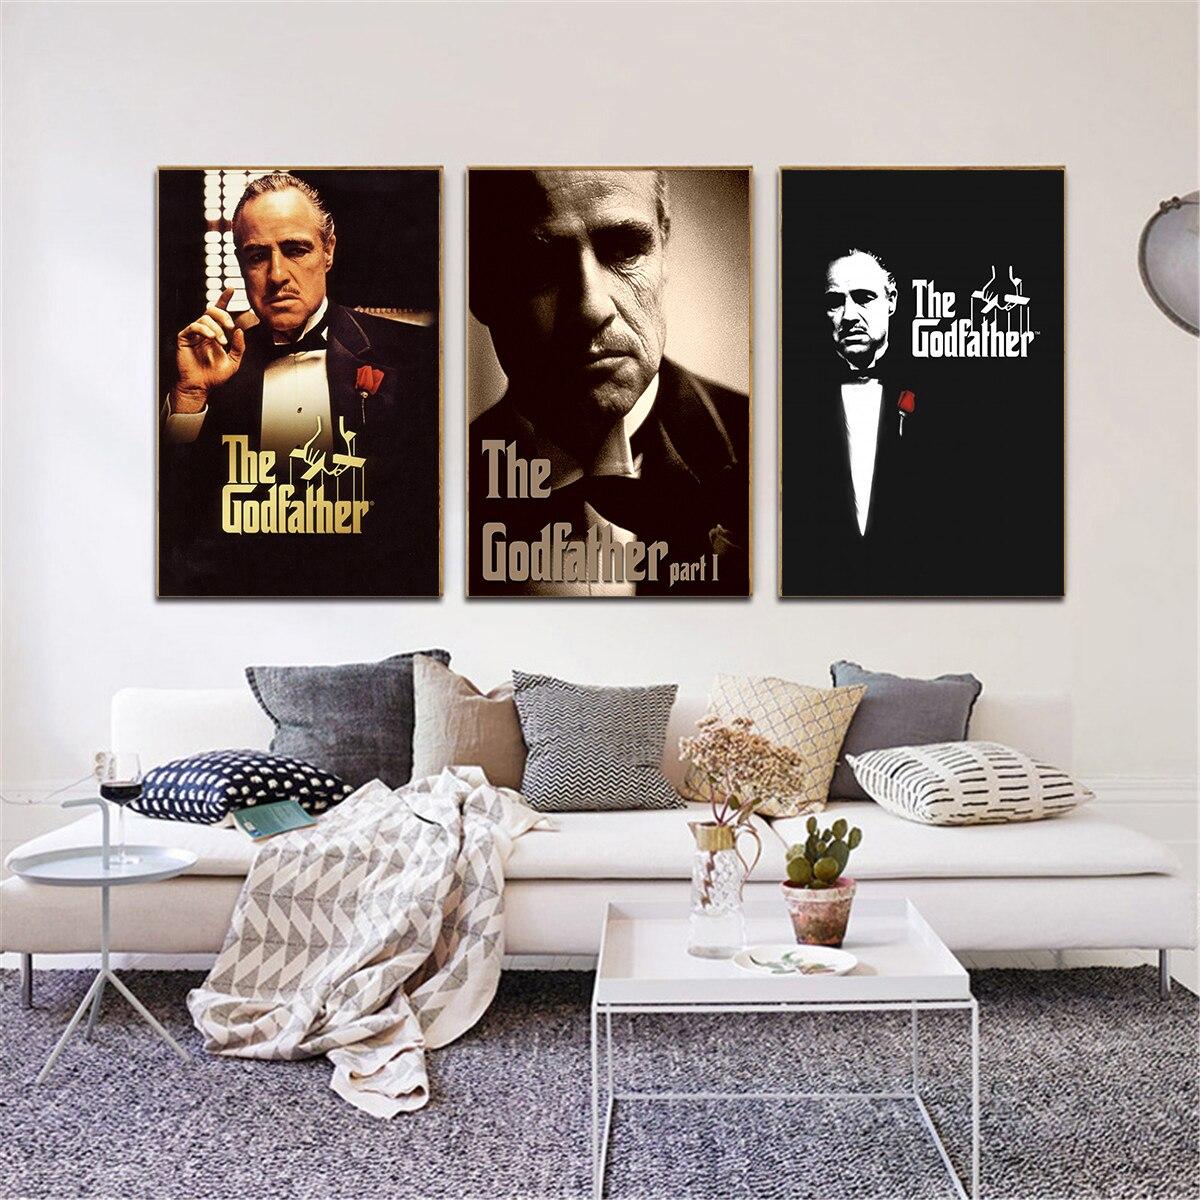 Großhandel canvas godfather Gallery - Billig kaufen canvas godfather ...